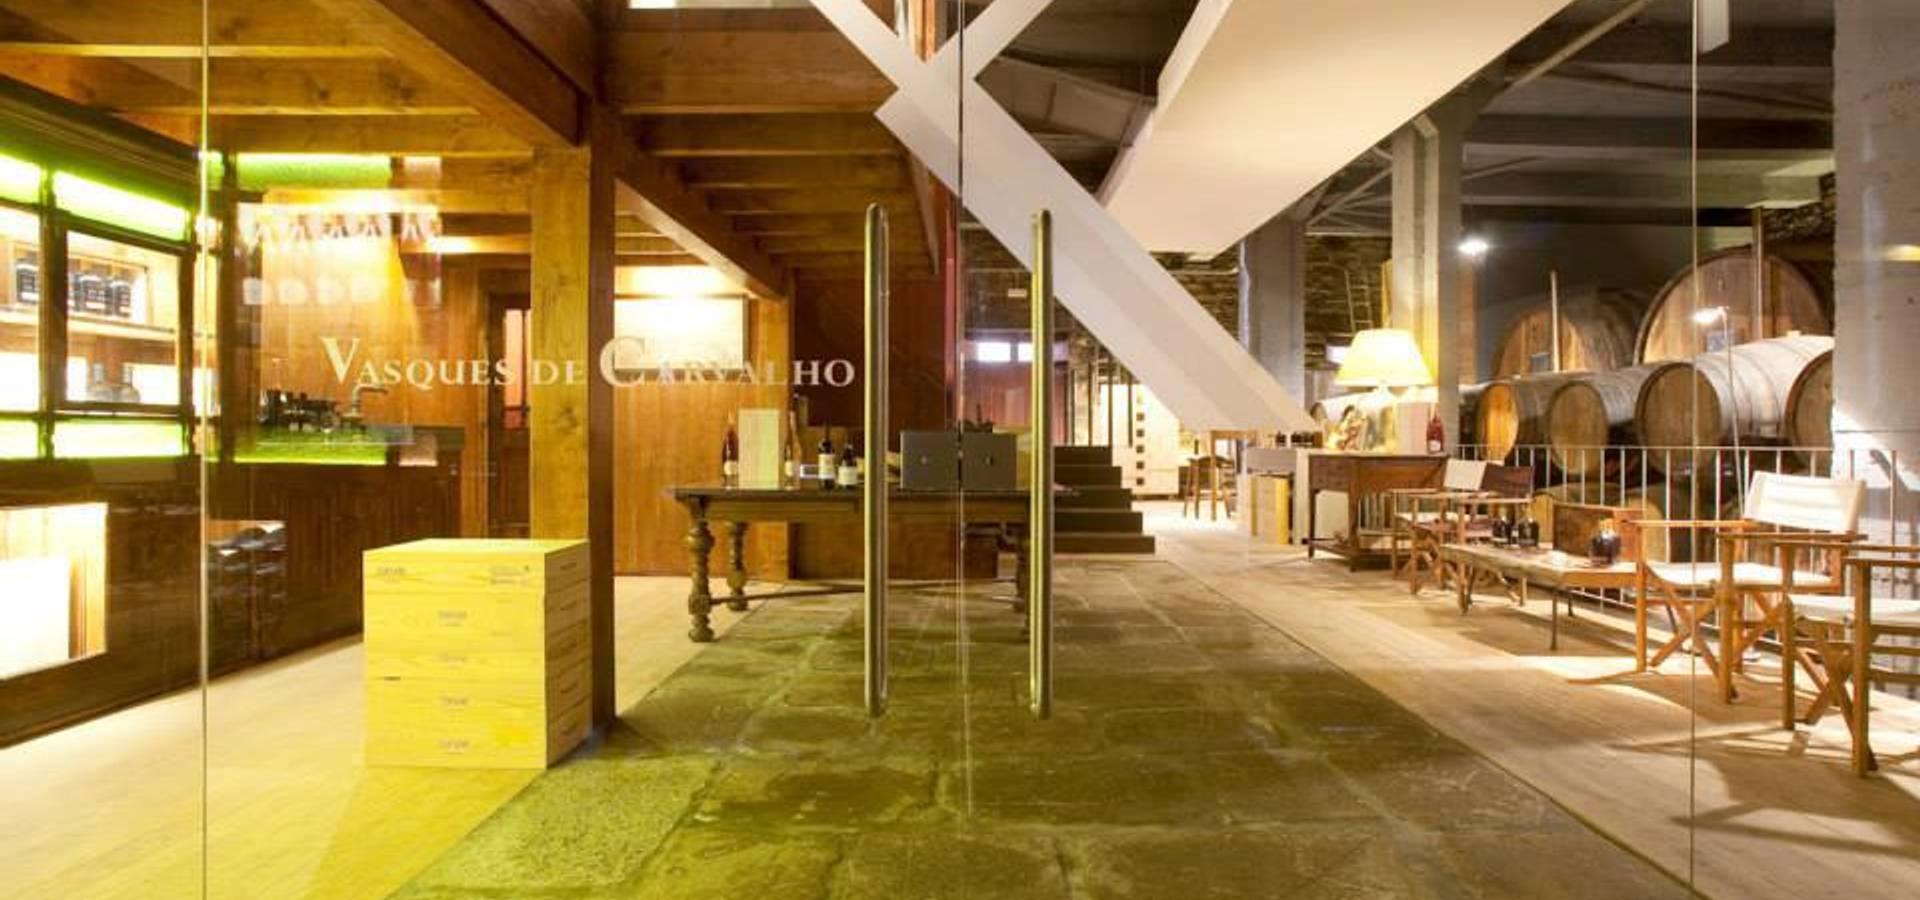 Barracinza – Estudos e Projetos de Arquitetura